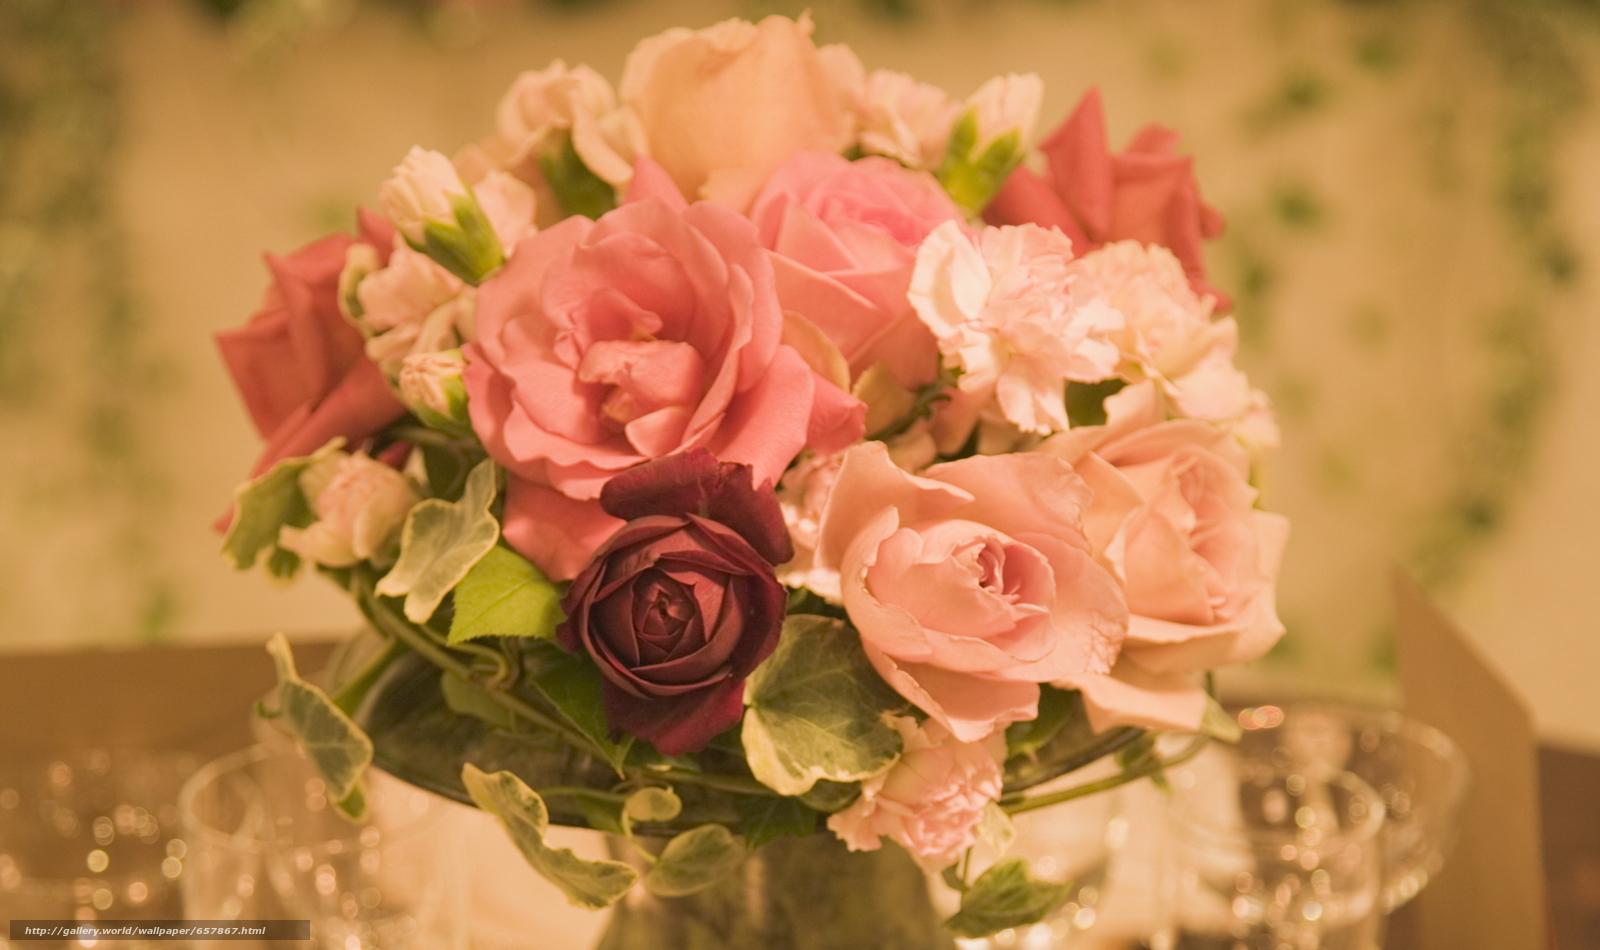 壁紙をダウンロード フラワーズ,  花,  ローズ,  バラ デスクトップの解像度のための無料壁紙 2088x1240 — 絵 №657867